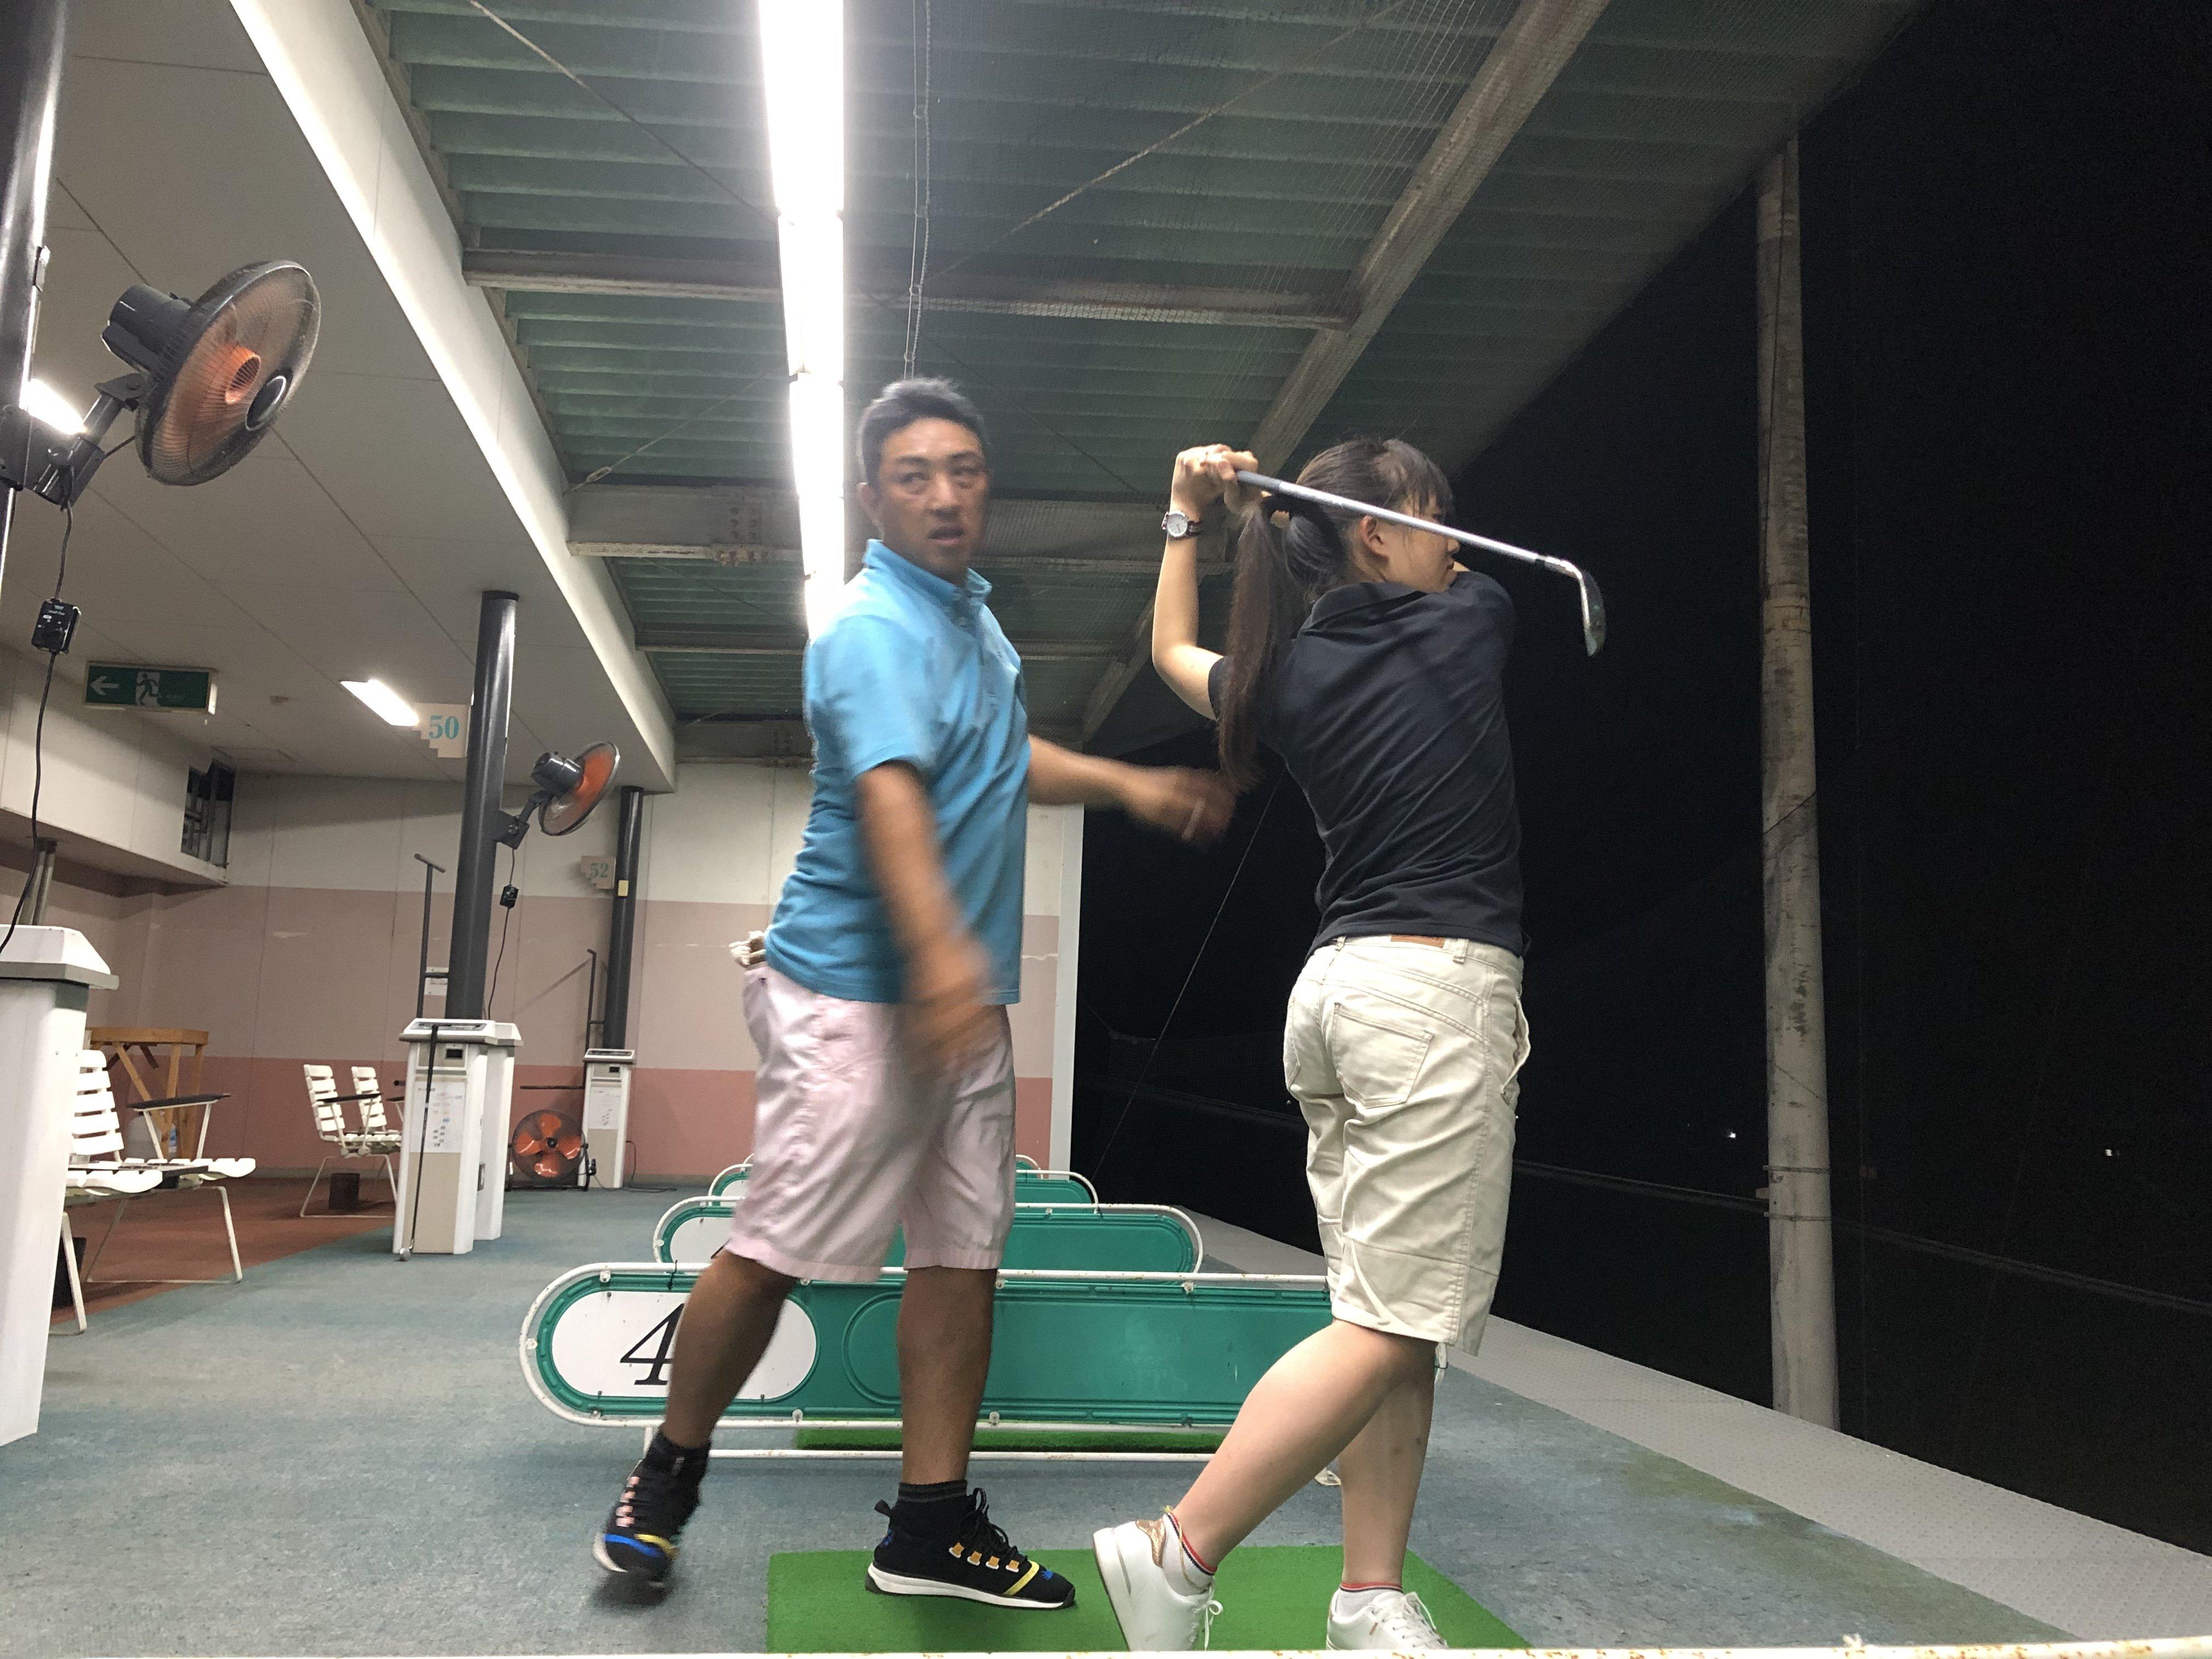 ベリーズゴルフクラブ パーソナルゴルフレッスン1か月のイメージその1